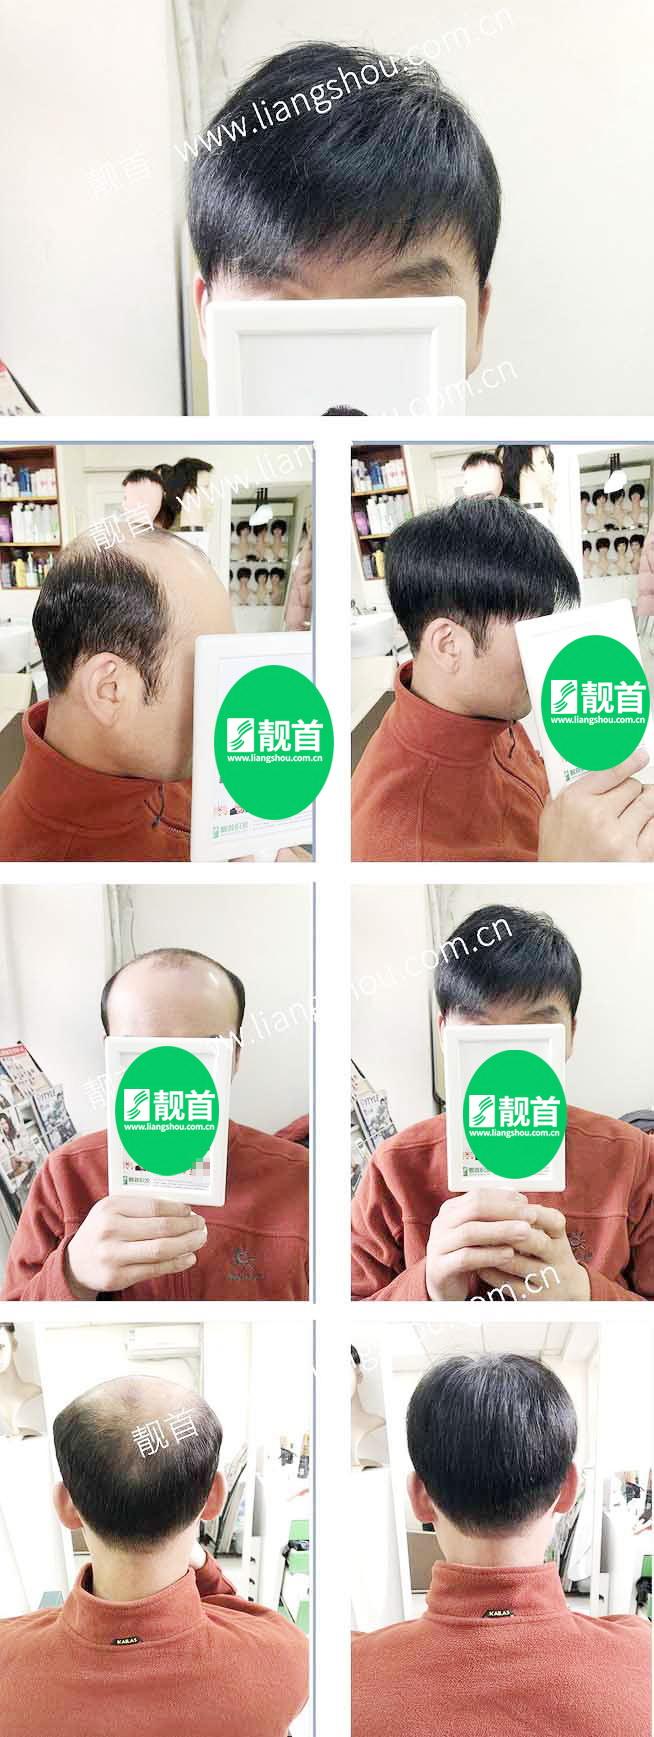 大面积-青年中年-自由式男士织发-补发-真人发假发-实拍案例